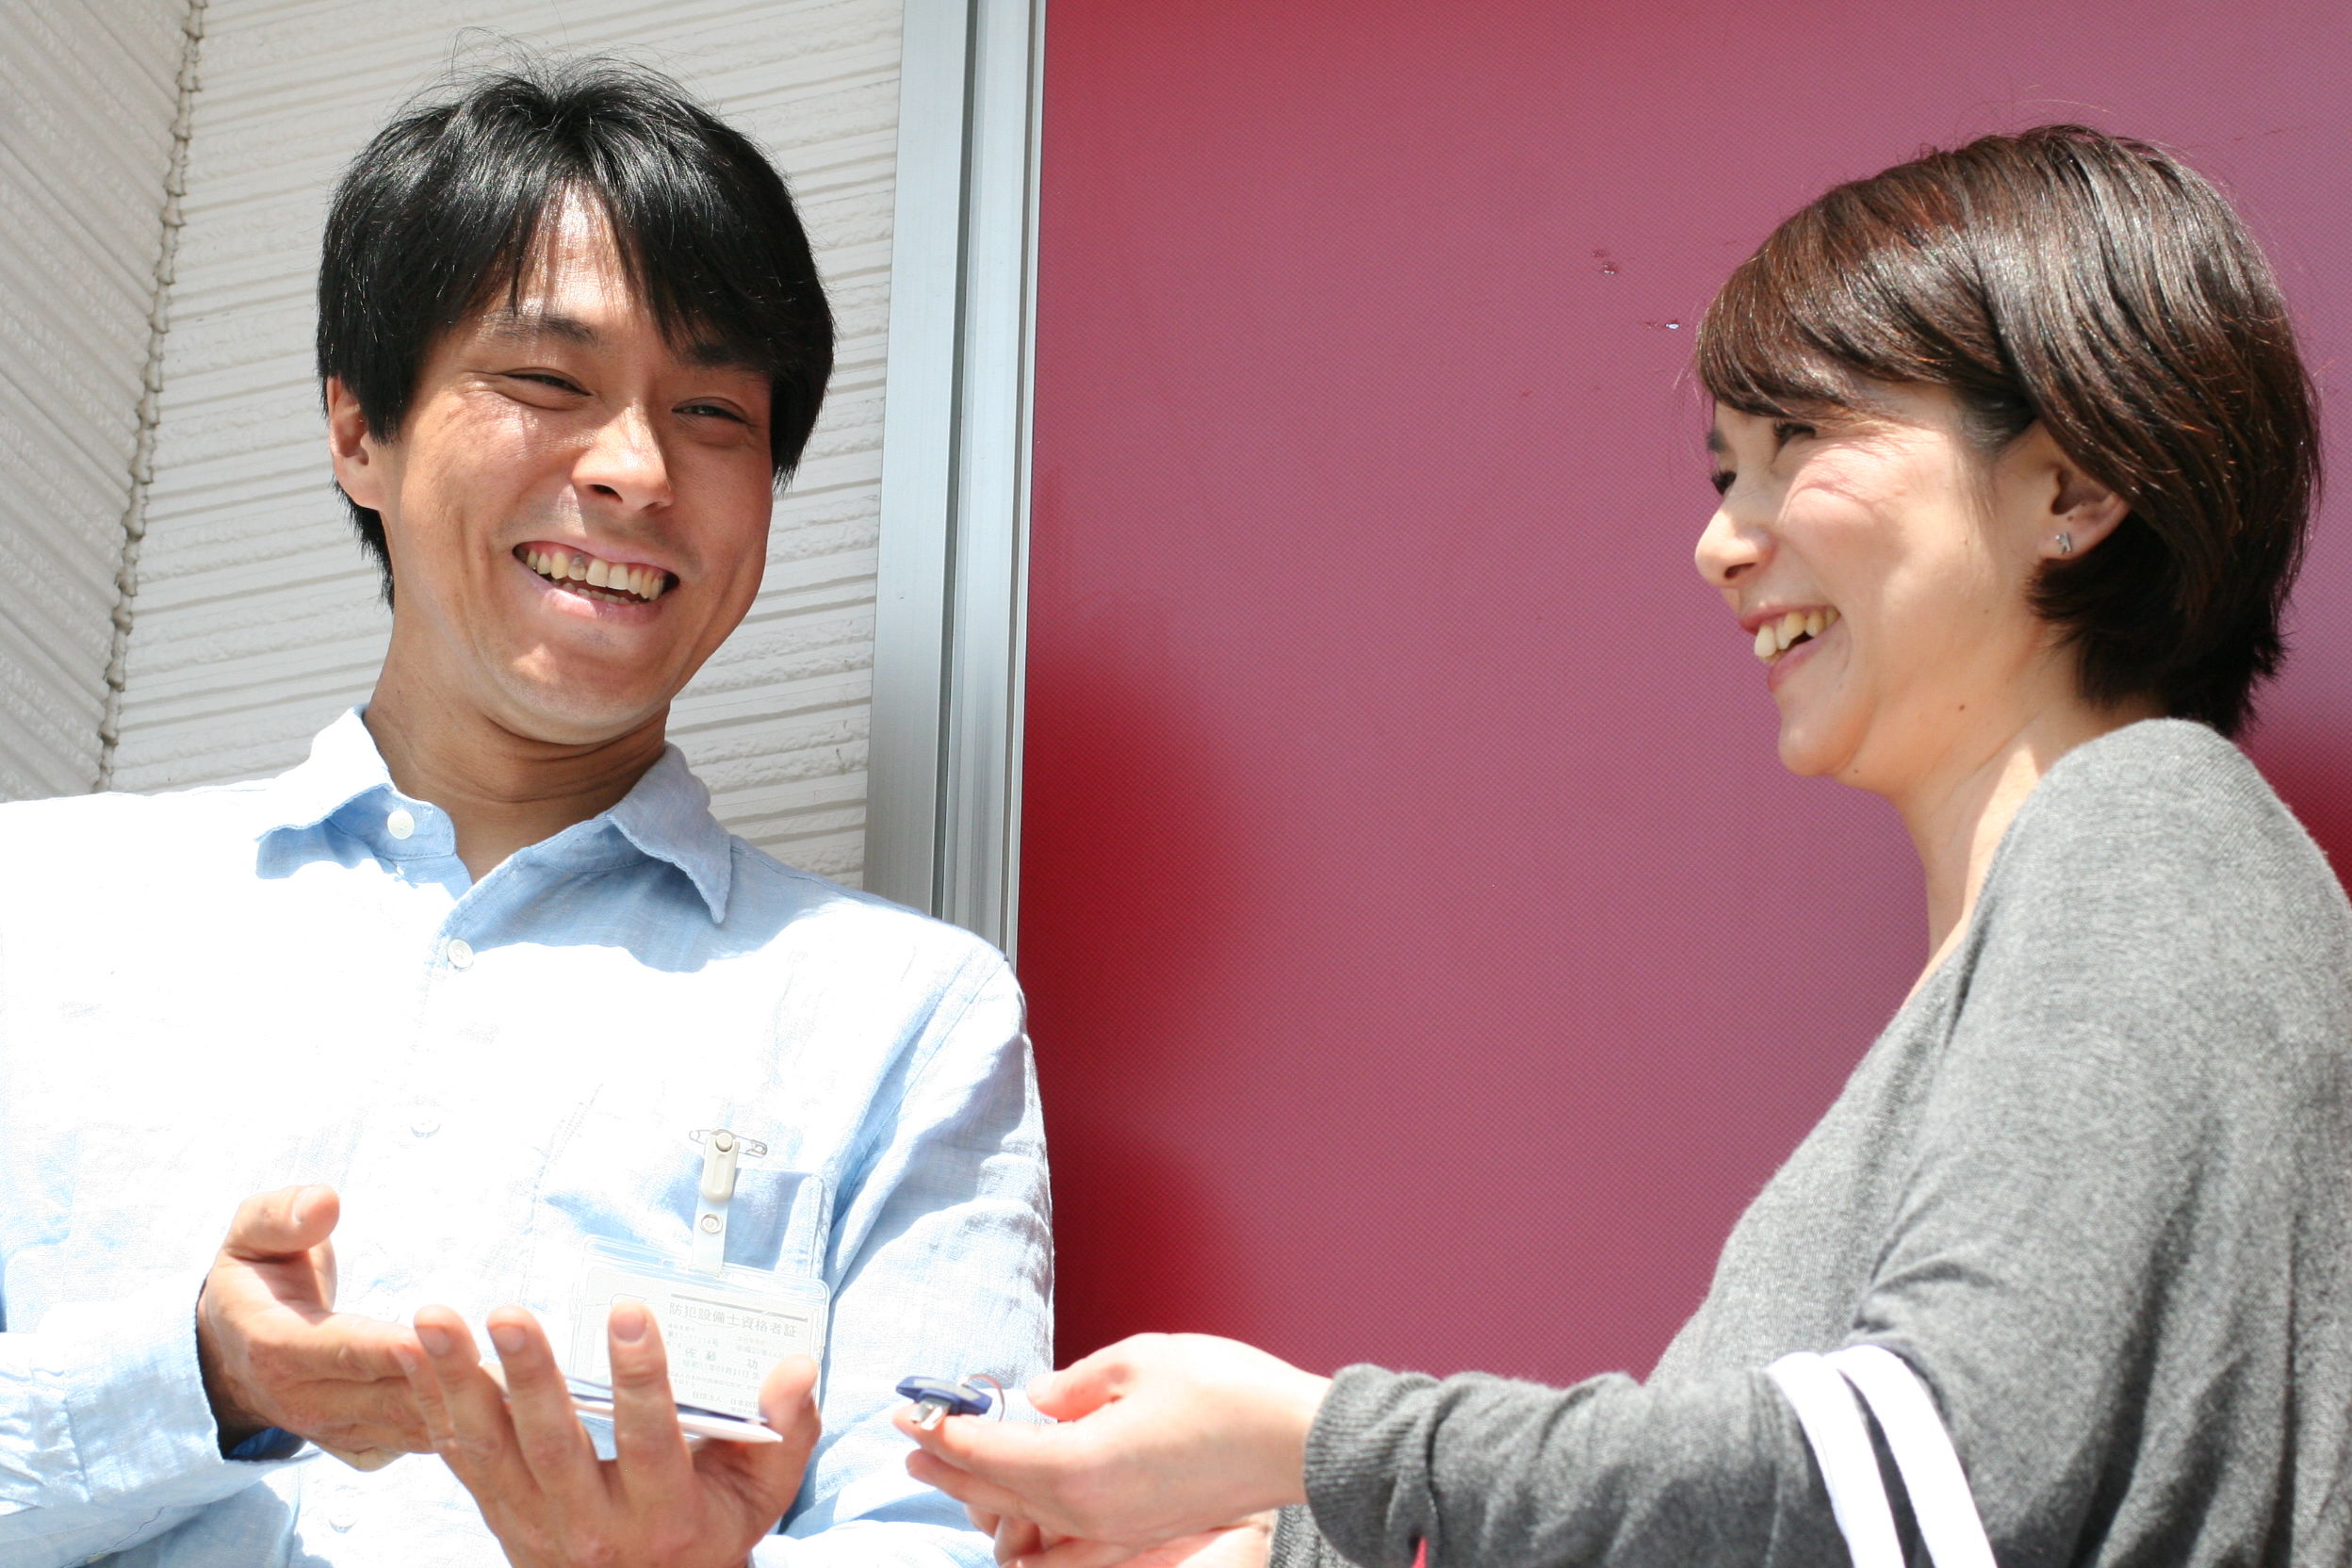 鍵のトラブル救急車【仙台市若林区 出張エリア】のメイン画像